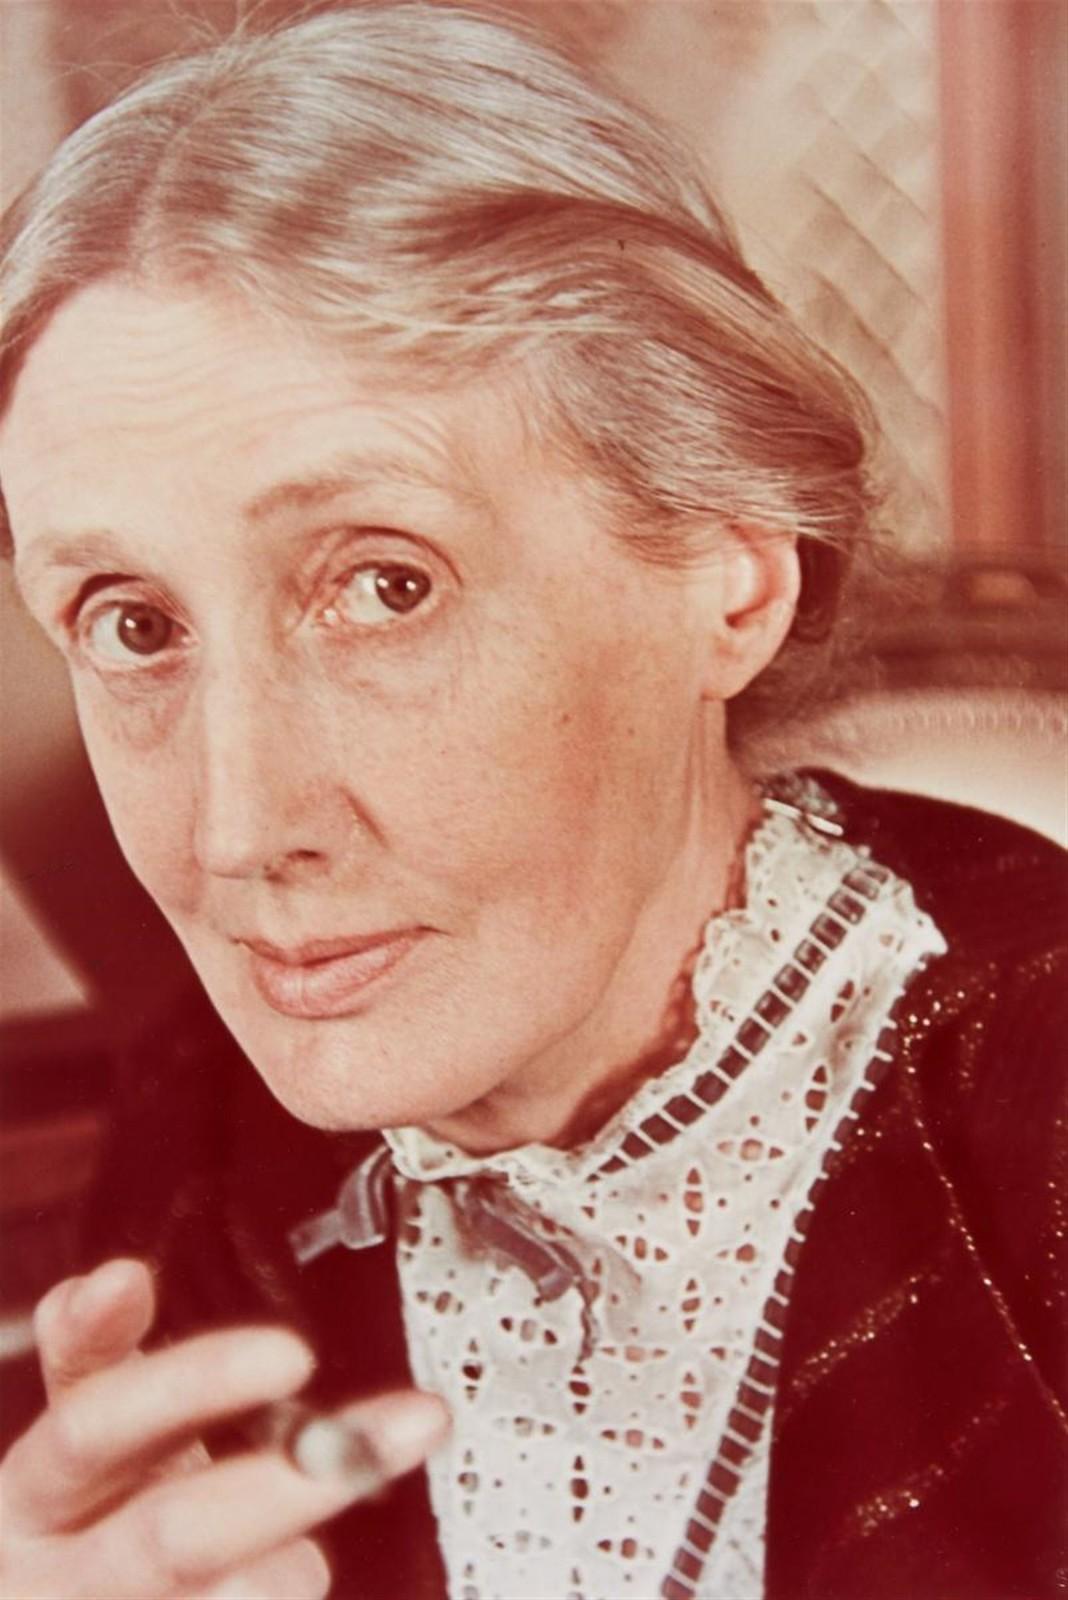 1939. Вирджиния Вулф (британская писательница и литературный критик. Ведущая фигура модернистской литературы первой половины XX века)